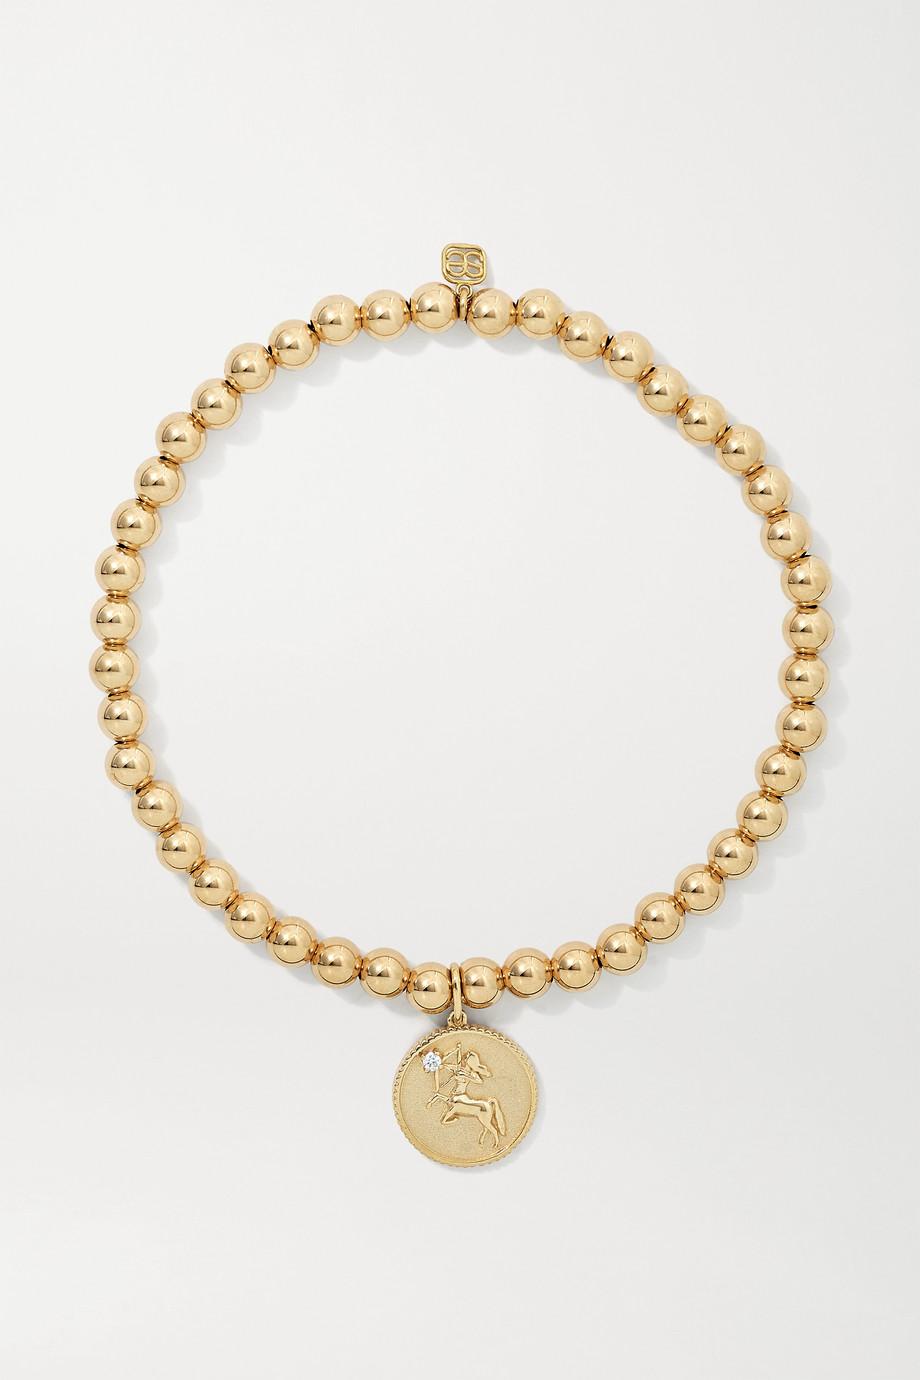 Sydney Evan Sagittarius 14-karat gold diamond bracelet